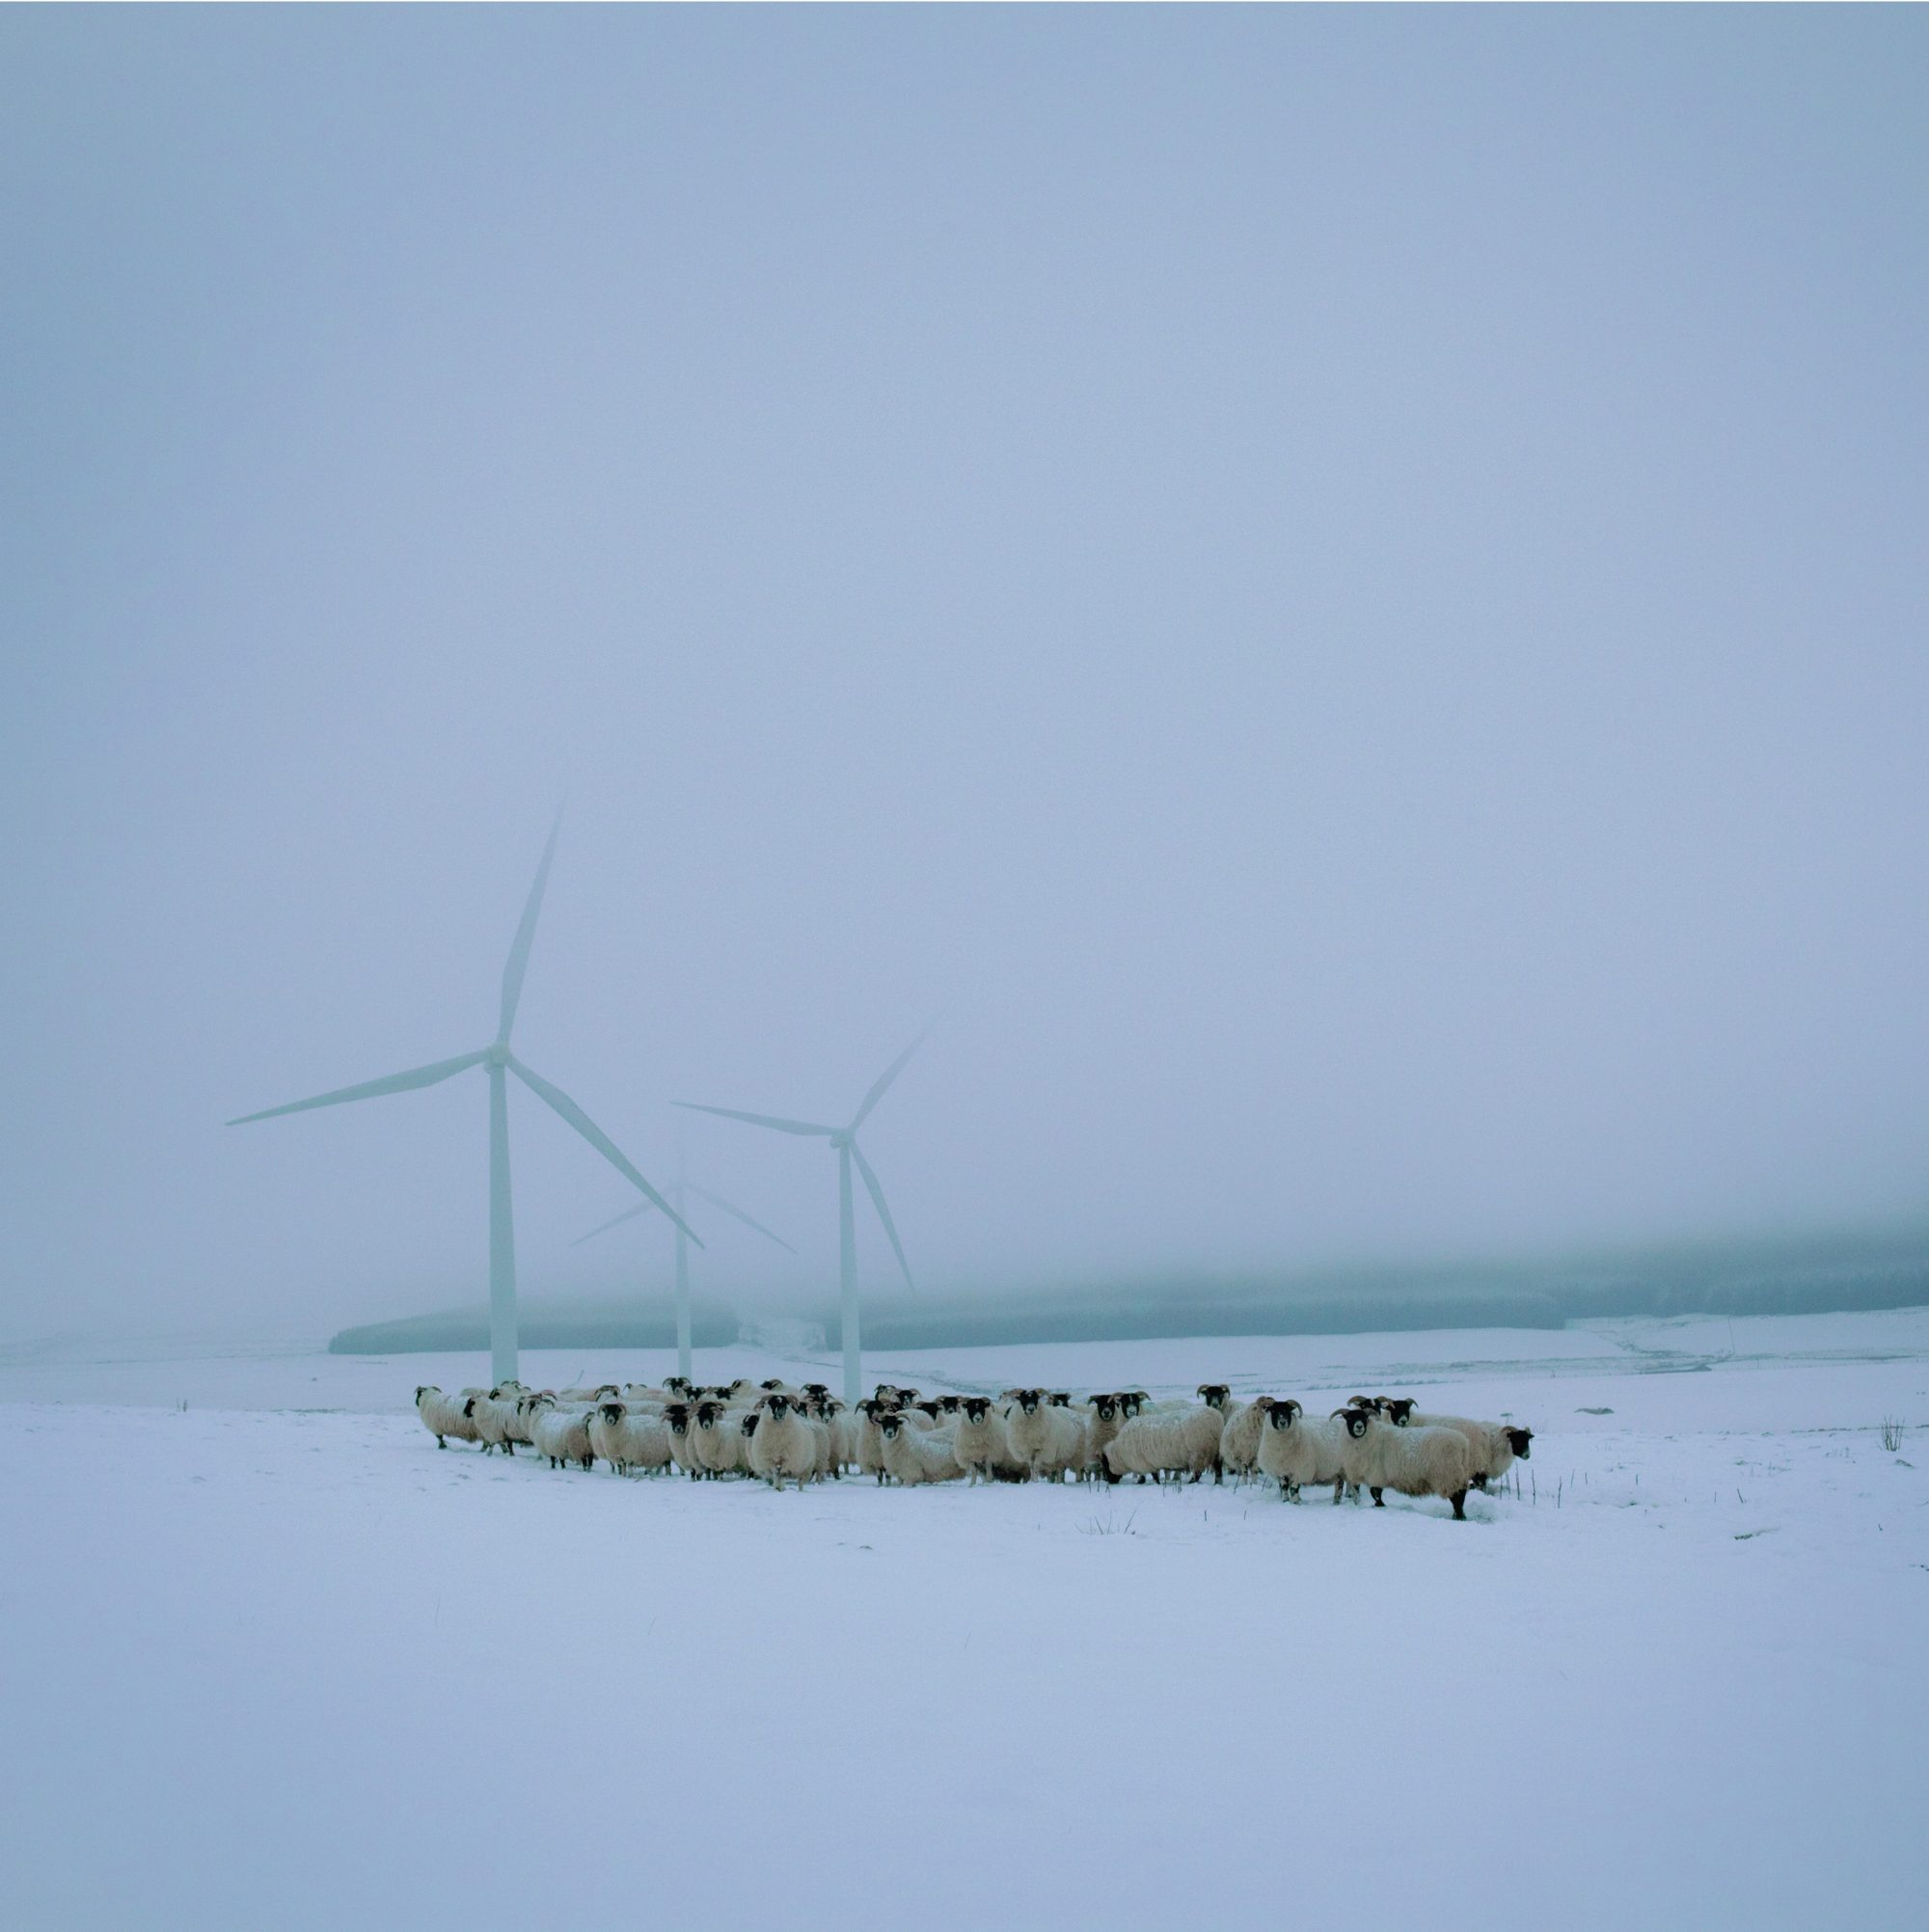 Lauder, Scottish borders © Sophie Gerrard